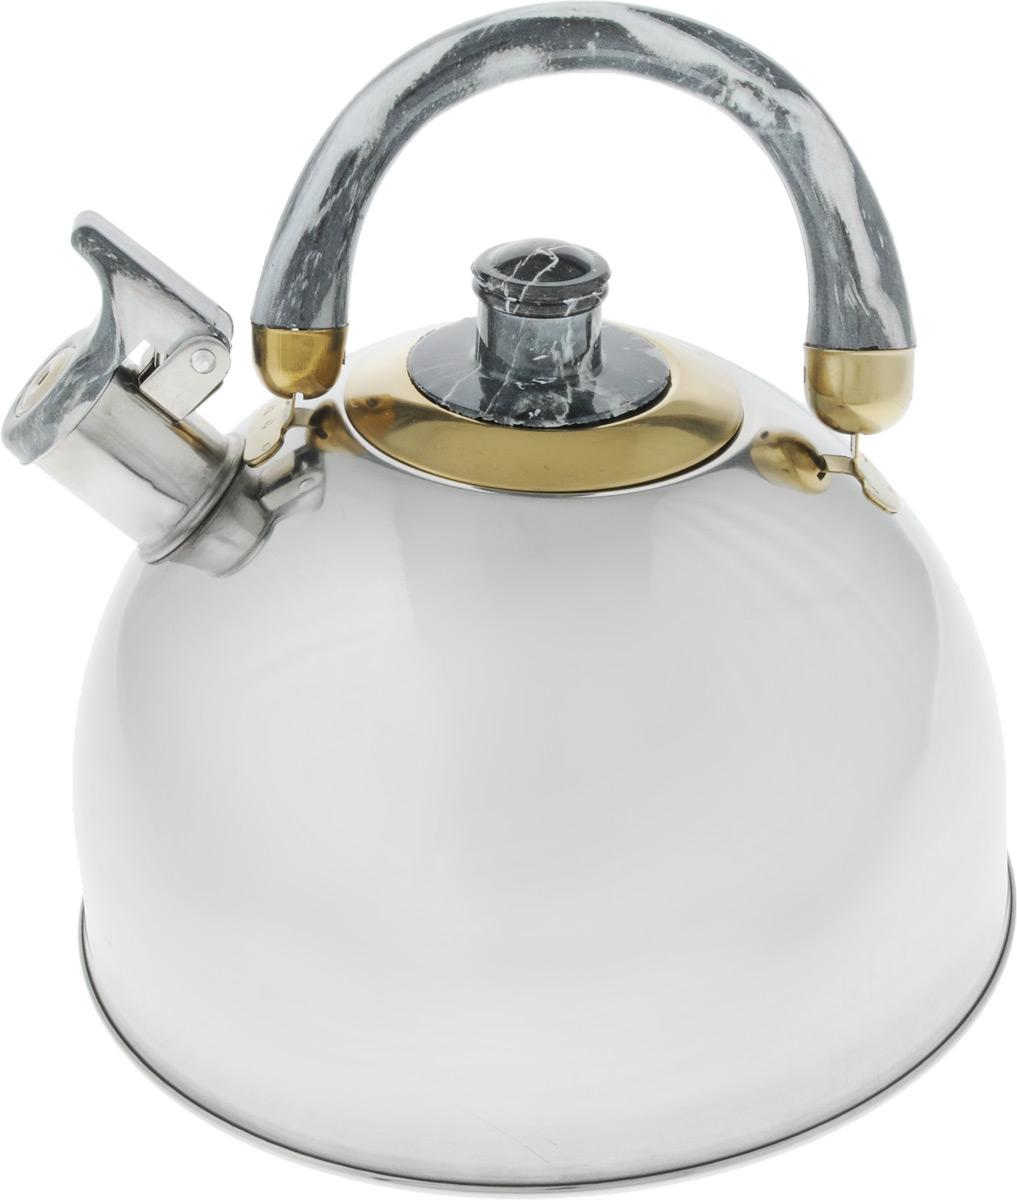 Чайник Bohmann Lite, со свистком, цвет: светло-серый, 4,5 л643BHL_светло-серыйЧайник Bohmann Lite изготовлен из коррозионностойкой стали с зеркальной полировкой. Это материал, зарекомендовавший себя как идеально подходящий для изготовления кухонной посуды, столовых приборов и аксессуаров. Прочность, надежность, стойкость к кислотам и привлекательный внешний вид - основные свойства этого материала. Подвижная ручка, выполненная из термостойкого пластика под мрамор, обеспечивает комфортную эксплуатацию. Носик чайника оборудован свистком, который громким сигналом оповестит о закипании воды. Серия Lite - это посуда из стали, легкая и экономичная. Доступна для широкого круга потребителей, оптимальна по цене и качеству. Подходит для любой кухни, привлекательна по своим характеристикам, цене и практичности. Чайник подходит для электрических, газовых, галогеновых и стеклокерамических плит. Изделие можно мыть в посудомоечной машине. Диаметр (по верхнему краю): 8,5 см. Диаметр основания: 22 см. ...